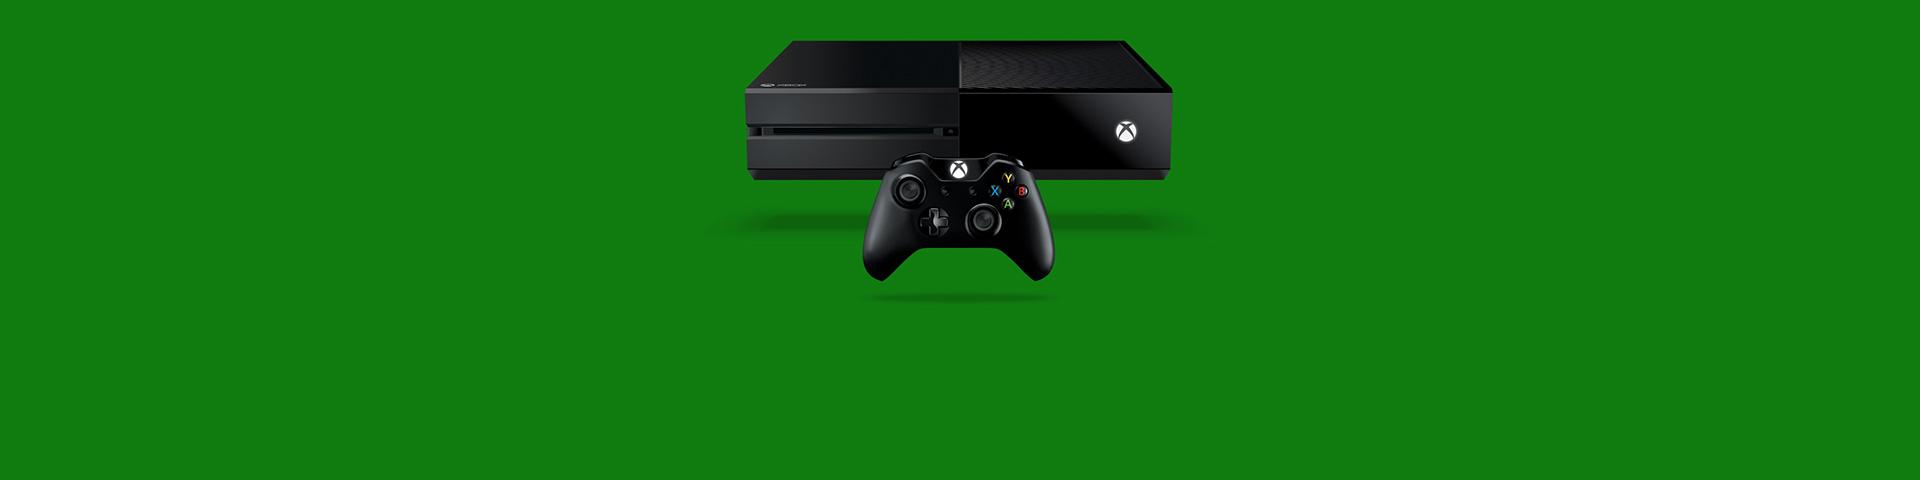 Xbox One-konsoll og kontroller, kjøp de nyeste konsollene